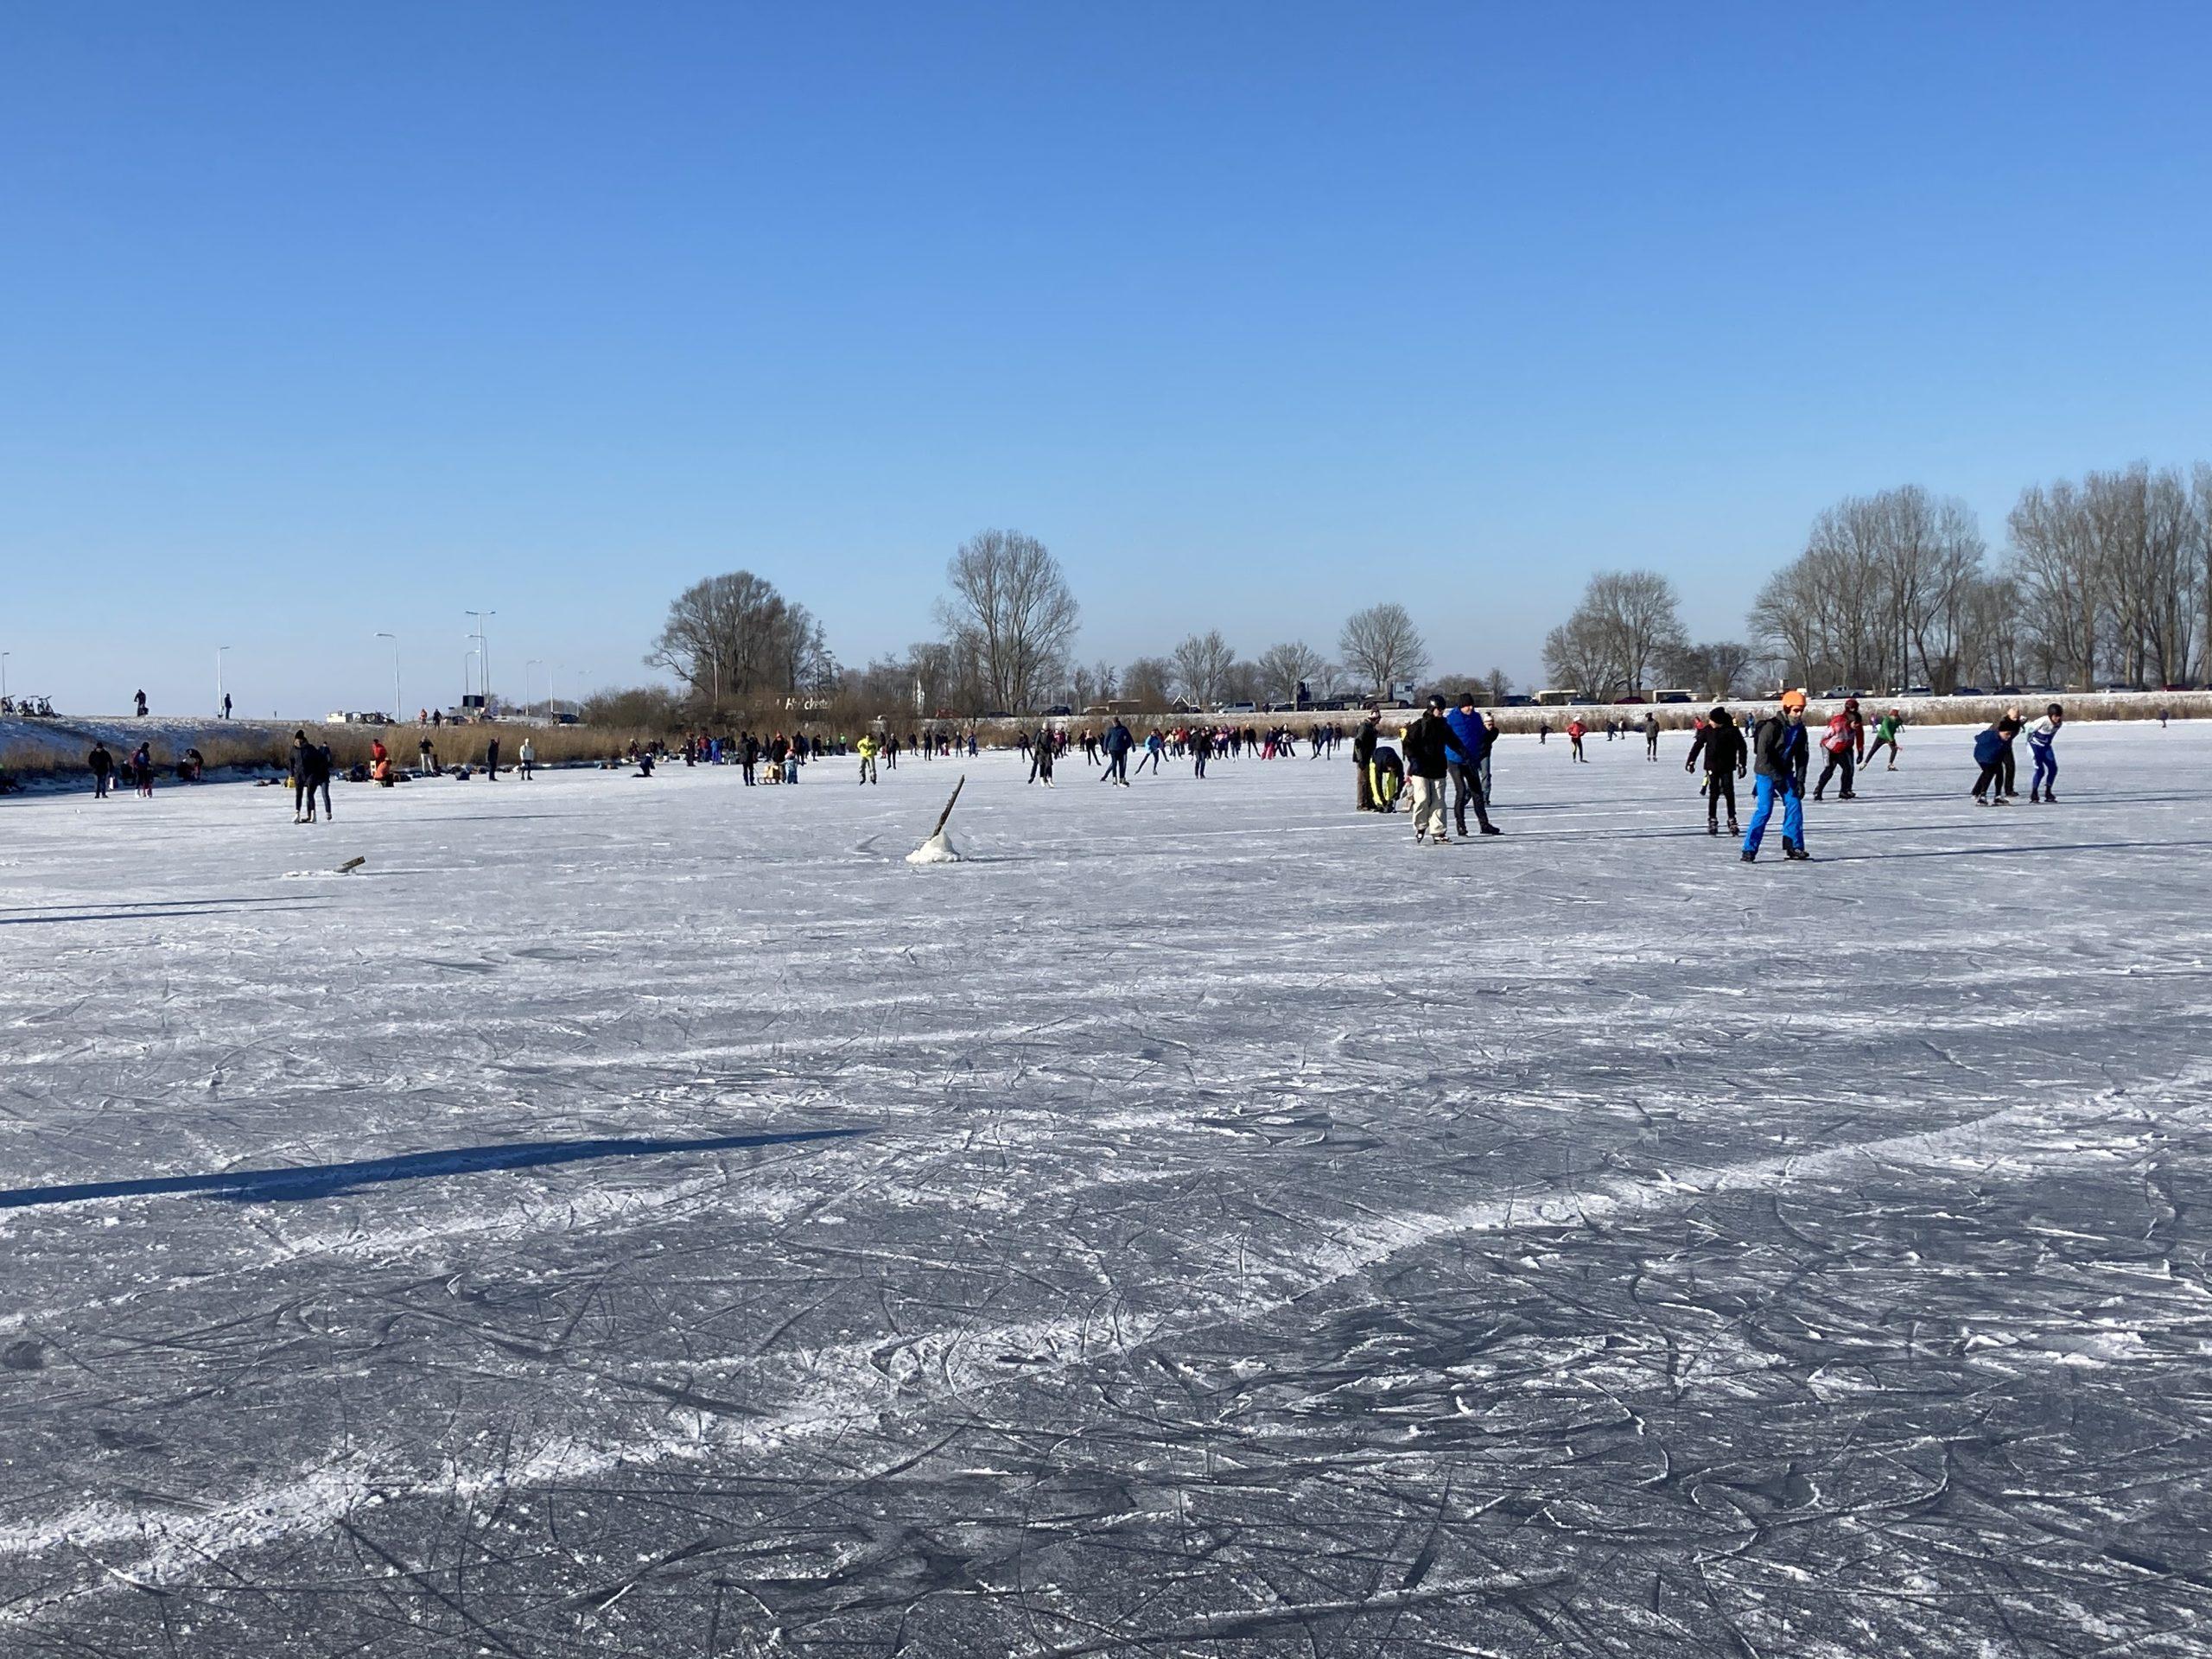 schaatsers op ijs